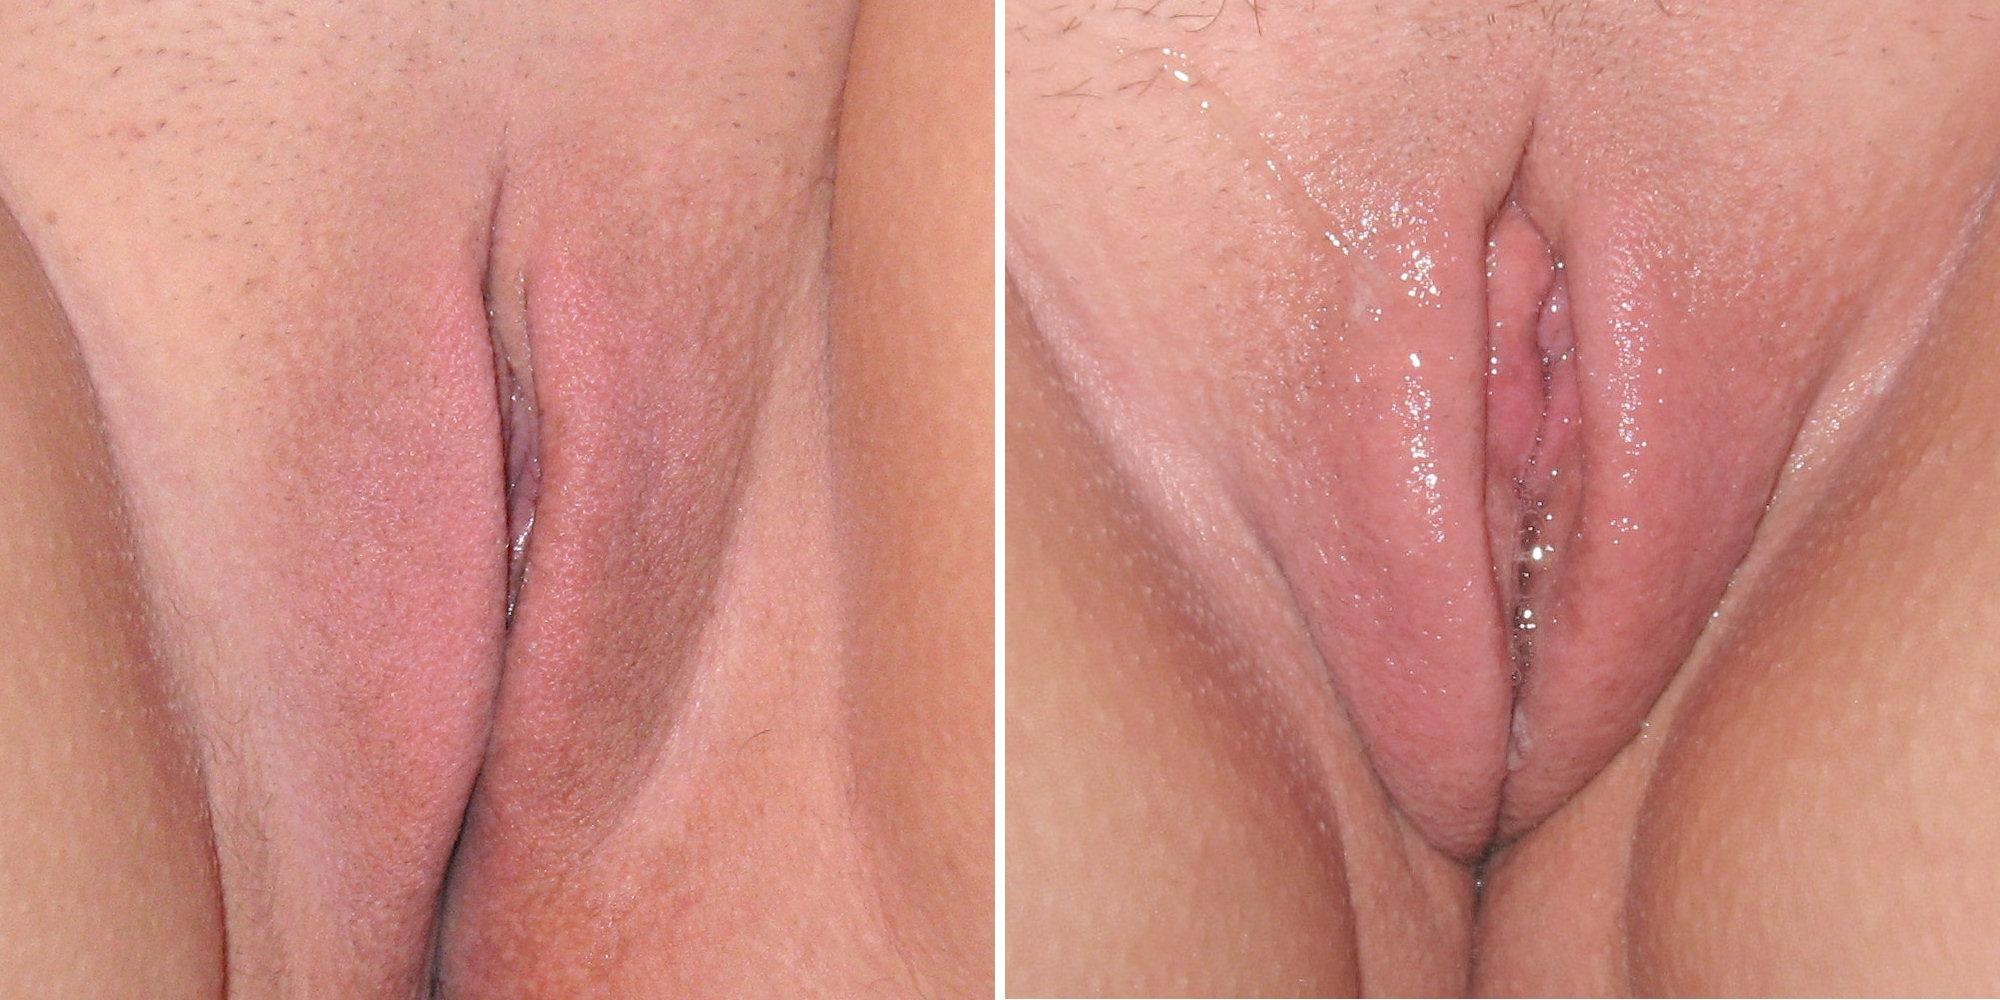 figa con grande clitoride